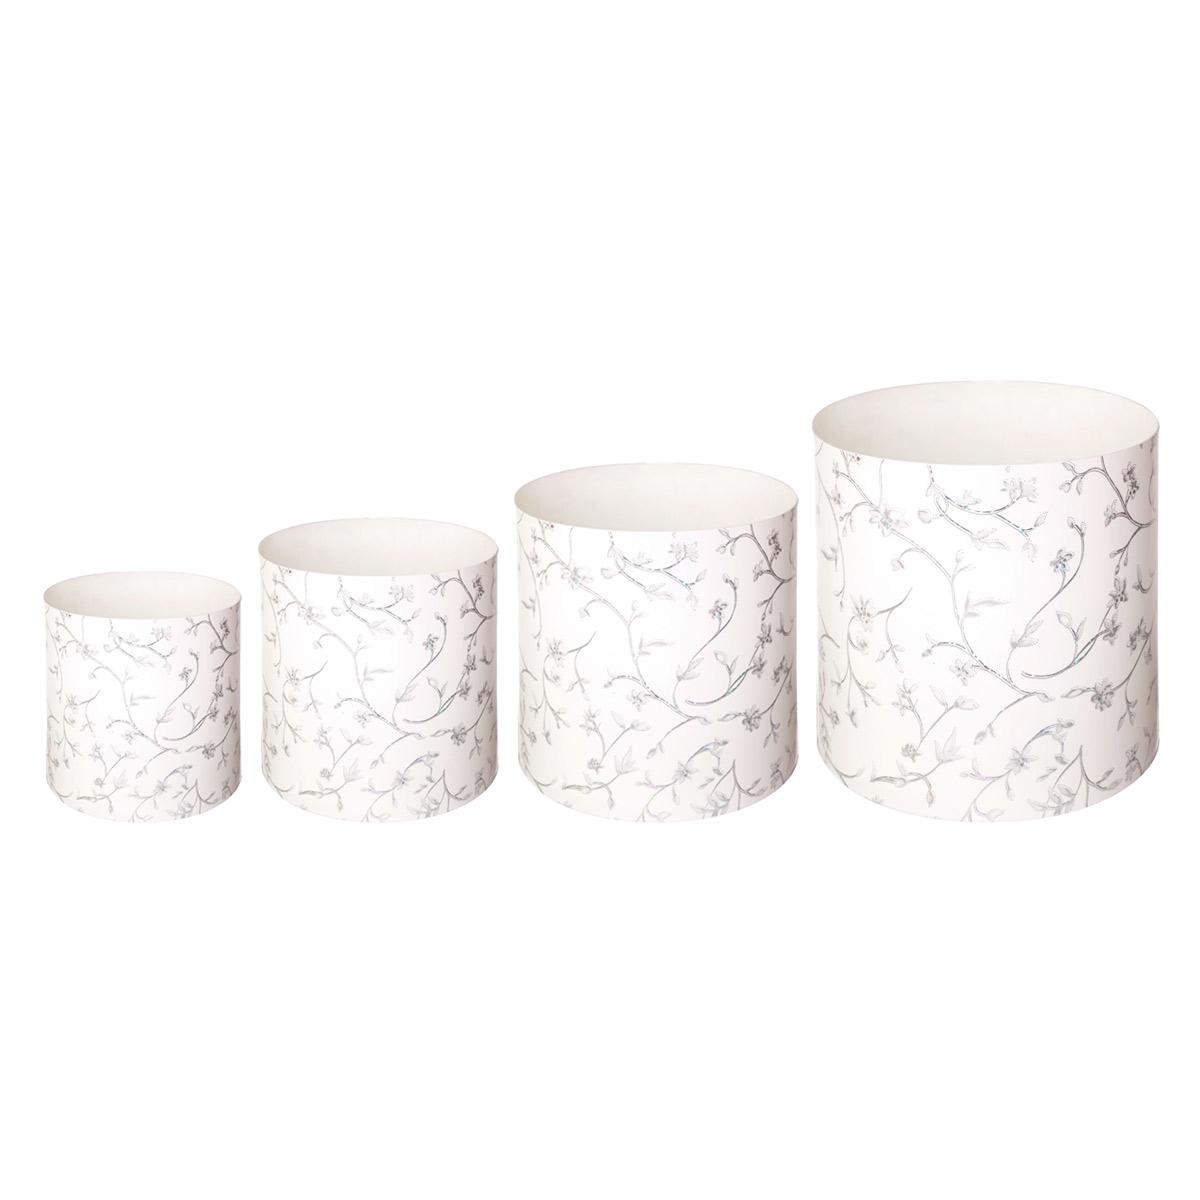 Набор горшков для цветов Miolla Металлик со скрытым поддоном, 4 предметаPANTERA SPX-2RSНабор горшочков Miolla c 3D рисунком. Хорошо будут смотреться как основа для топиариев и флористических композиций. А так же замечательно для комнатных цветов. Со скрытым поддоном.